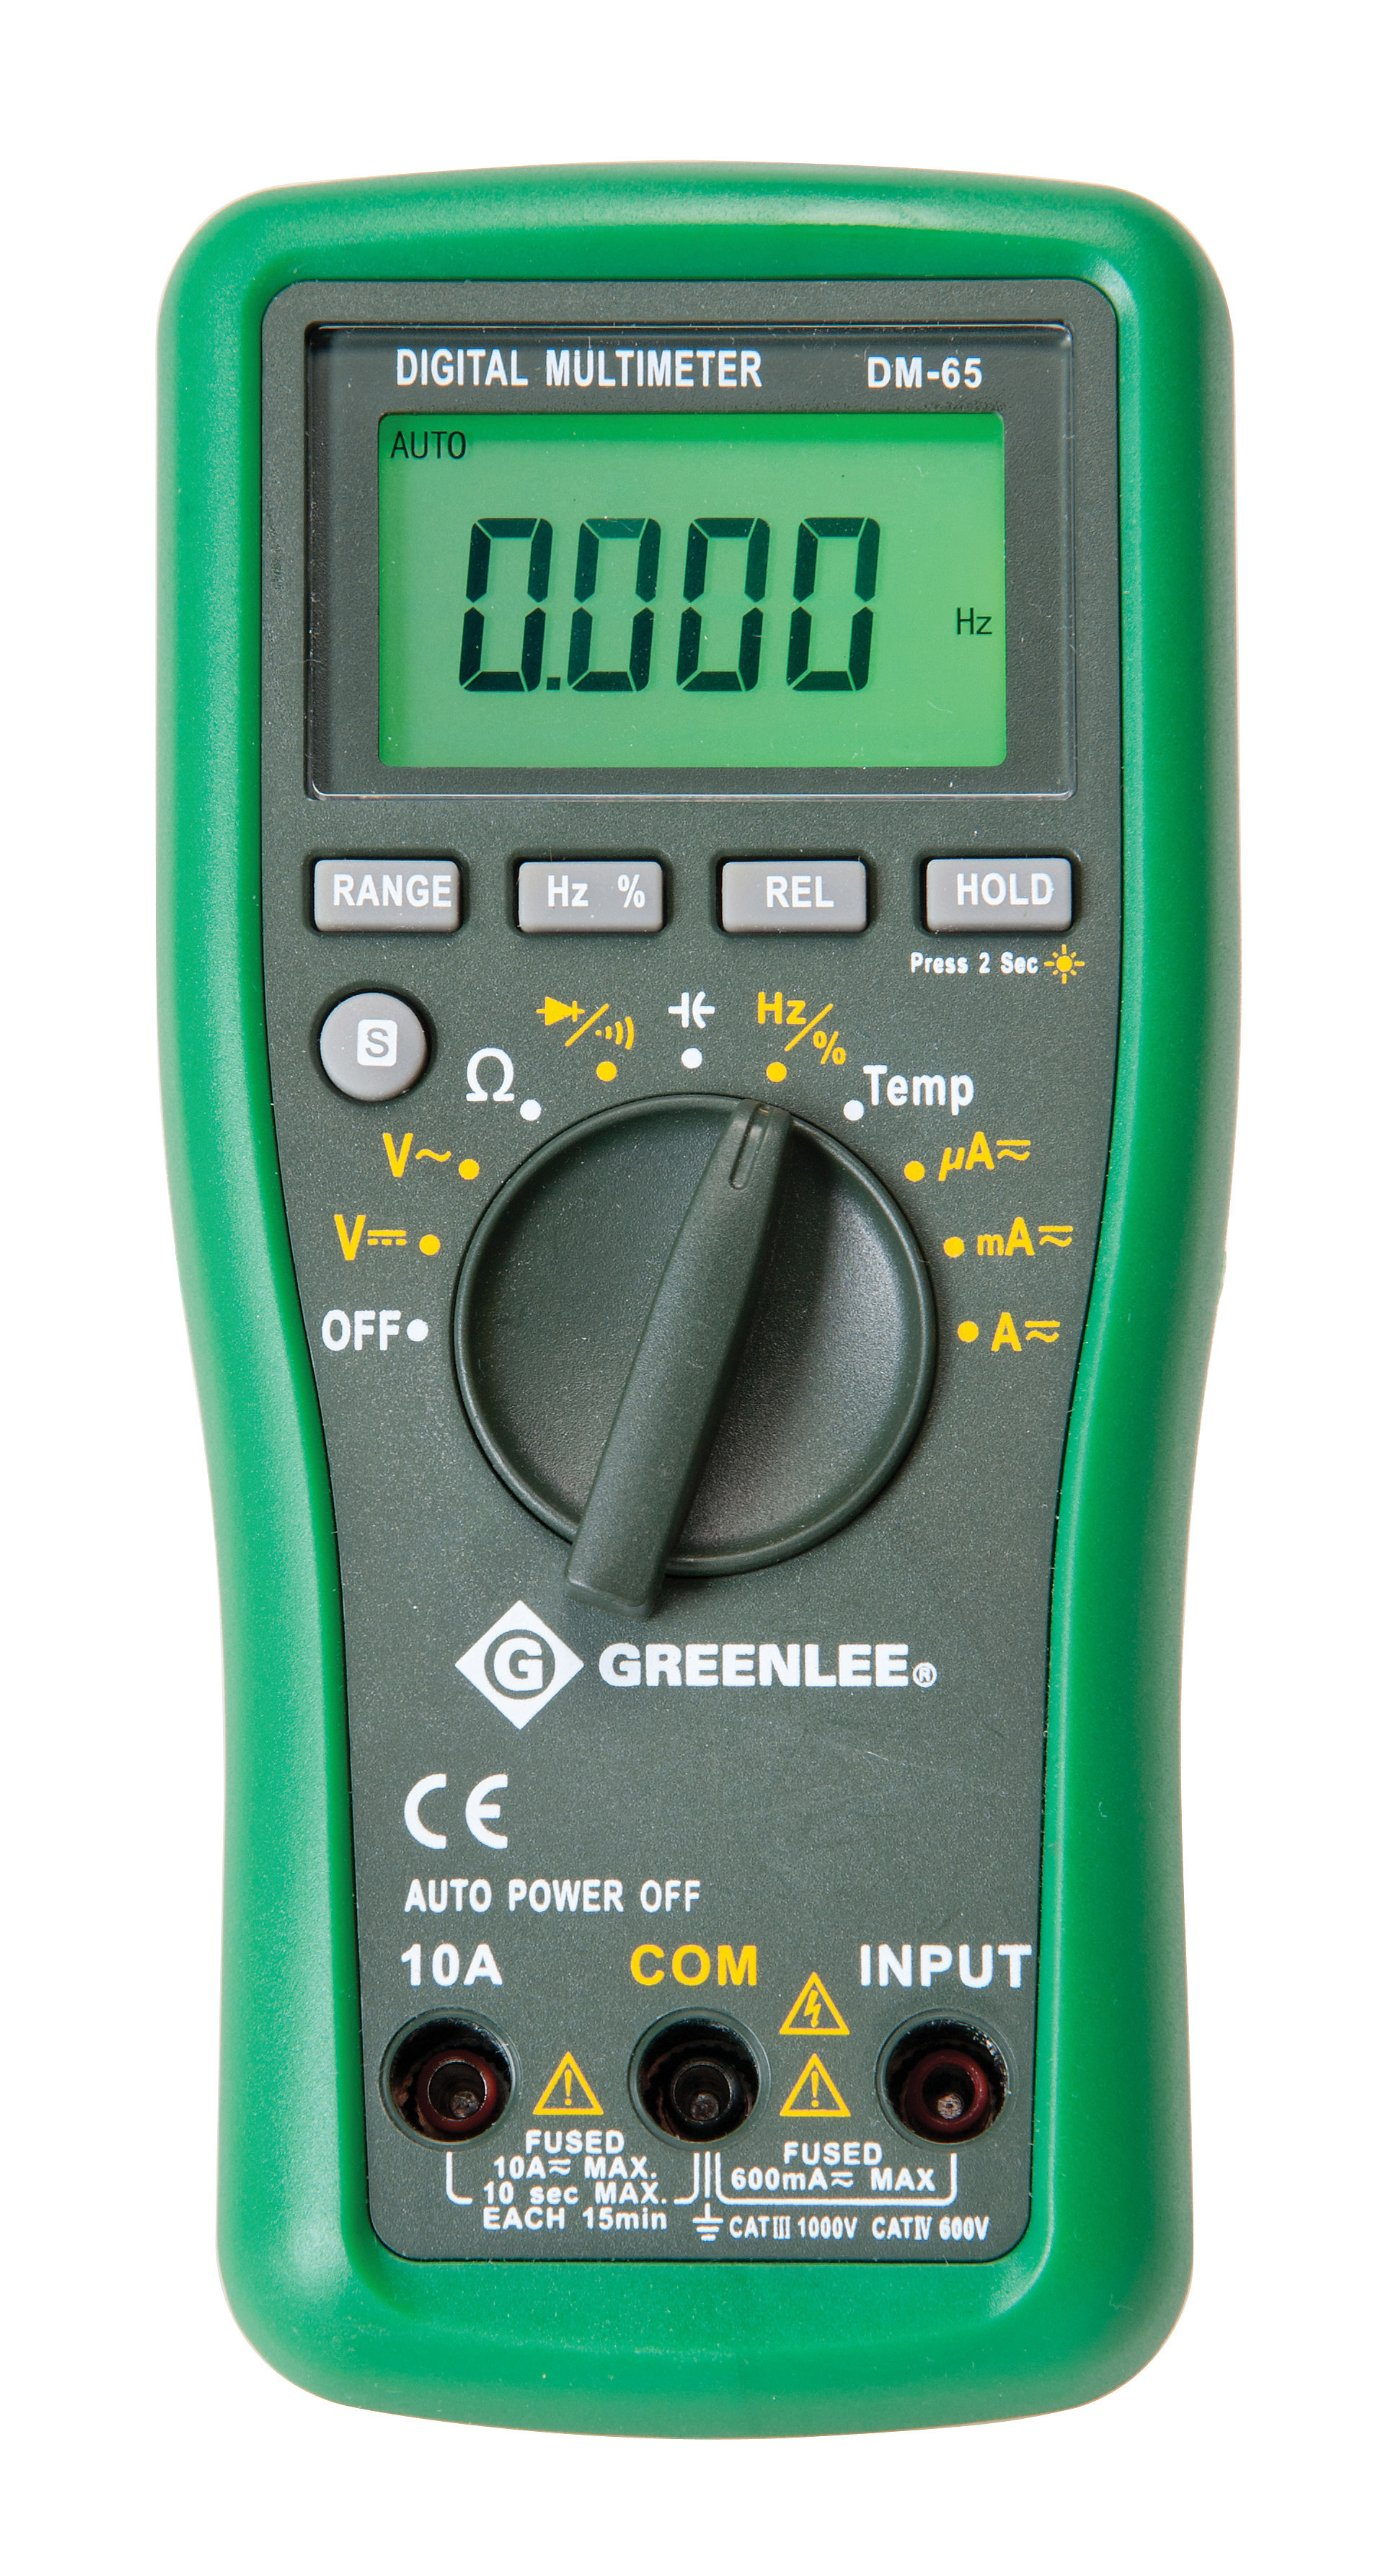 Greenlee DM-65 CATIII 1000V CATIV600V Auto Ranging Digital Multimeter